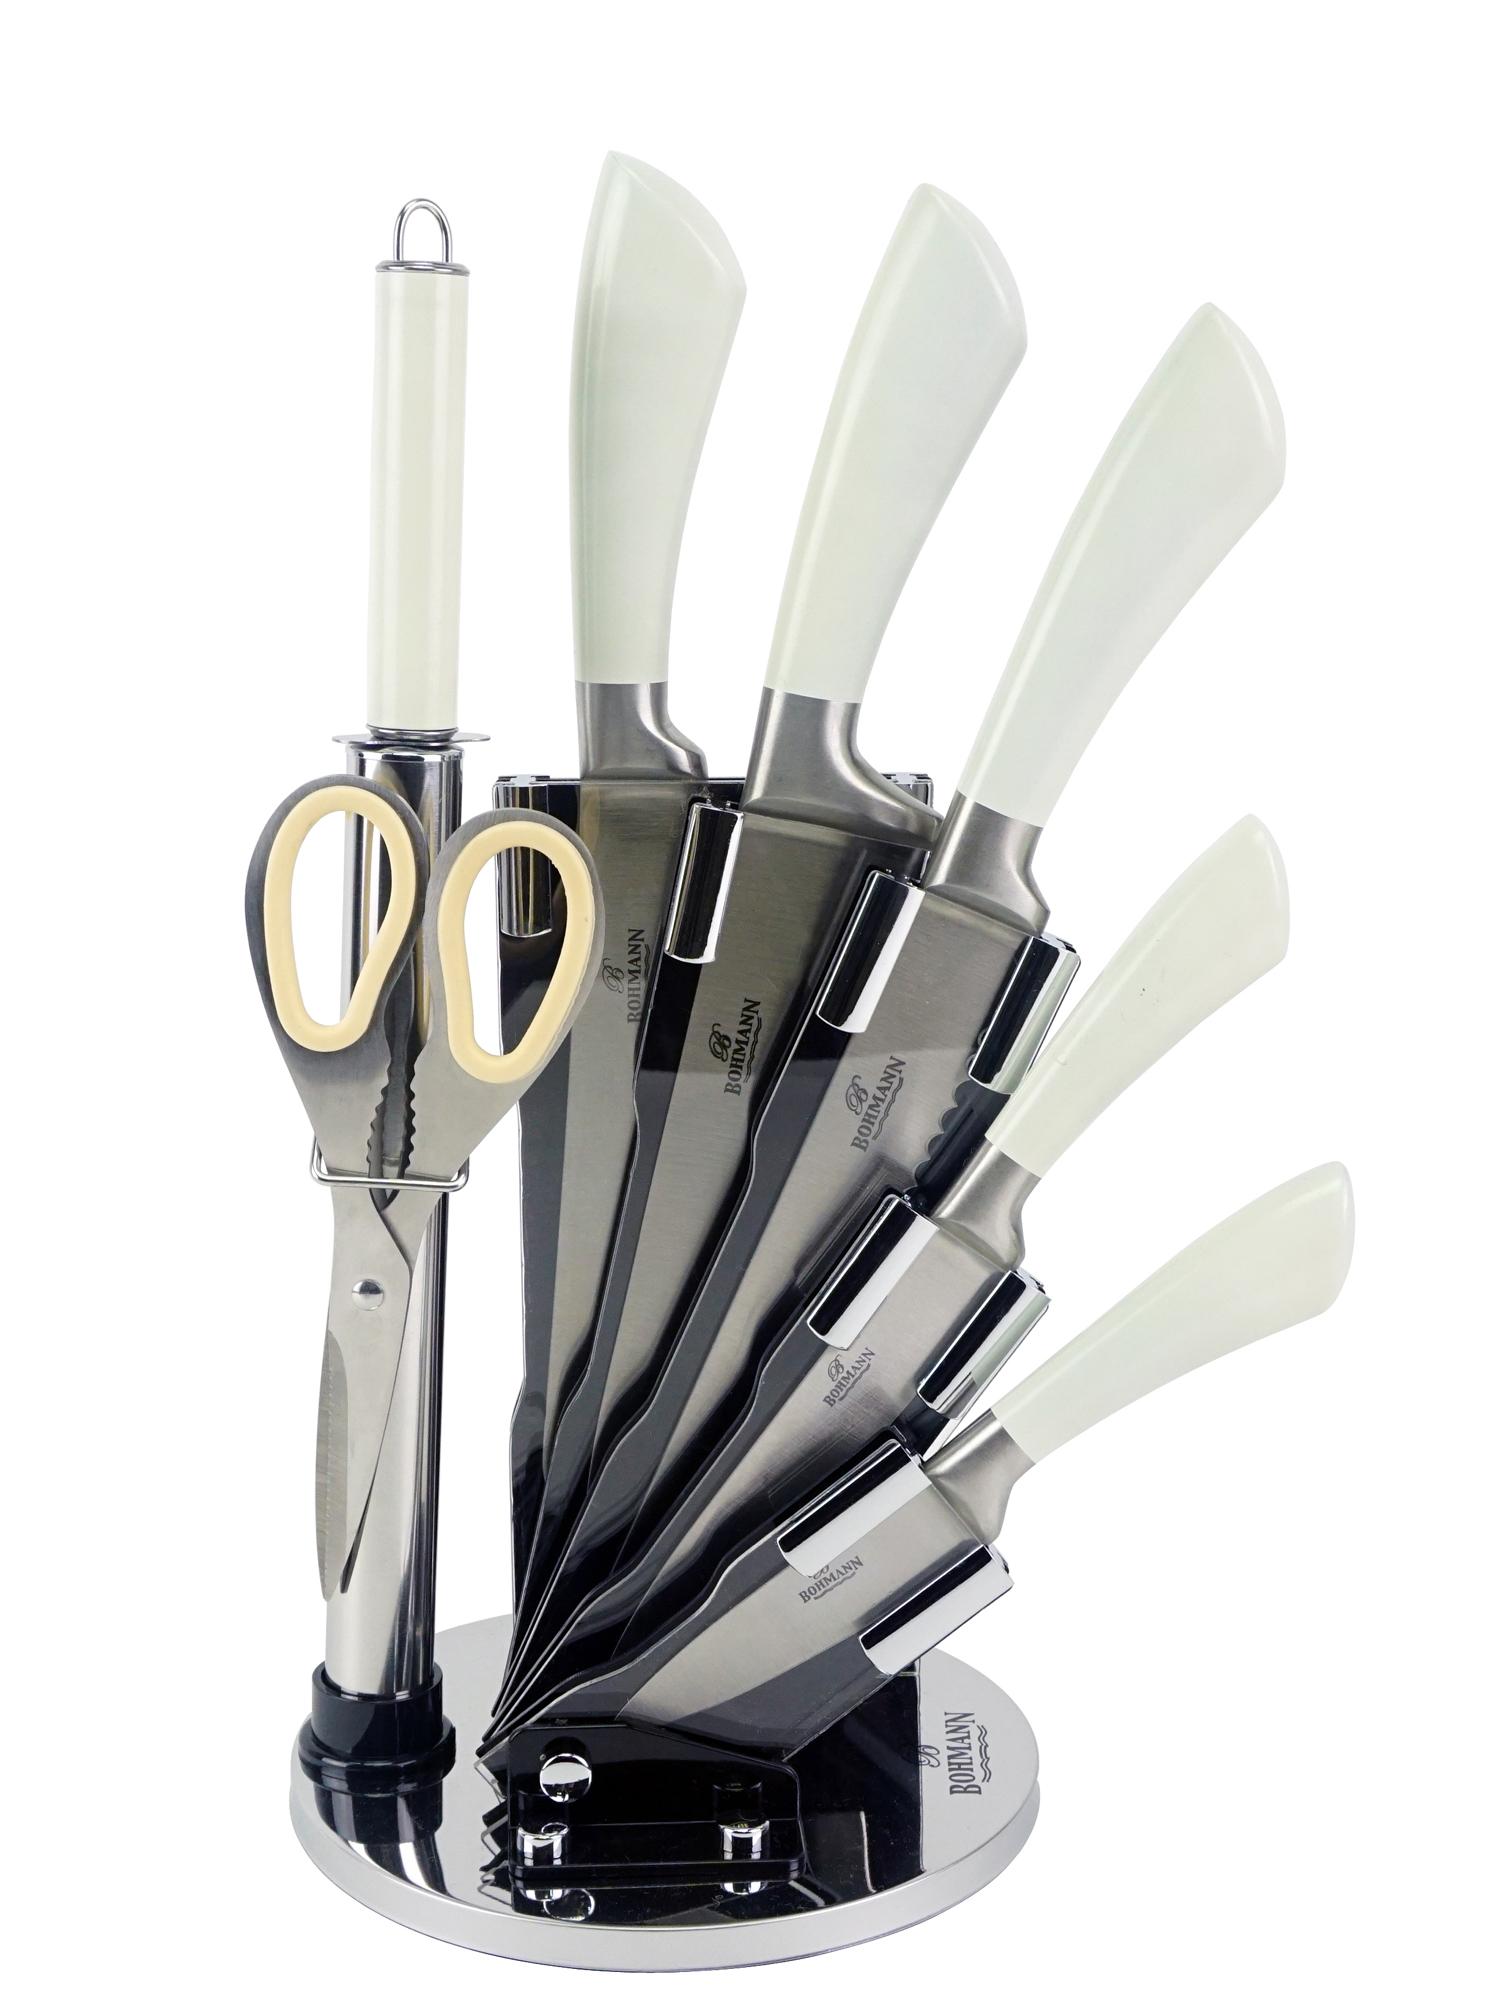 Нож столовый BOHMANN Набор ножей, светло-бежевый sharpeners кухня точило системы профессиональных нож новый исправить угол ножницы